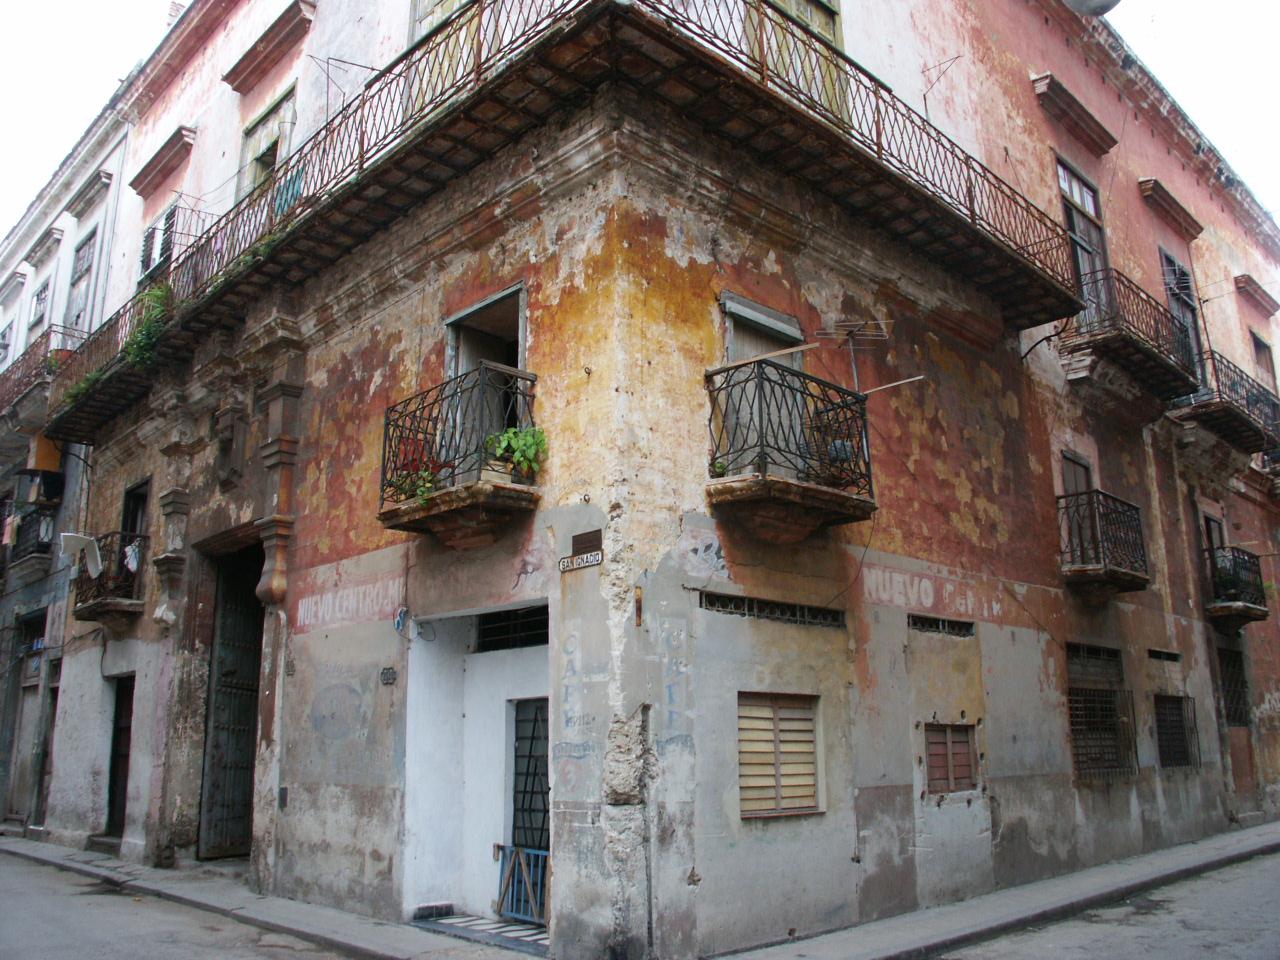 CUBA EN FOTOS - Página 4 413838982_e094593dc0_o